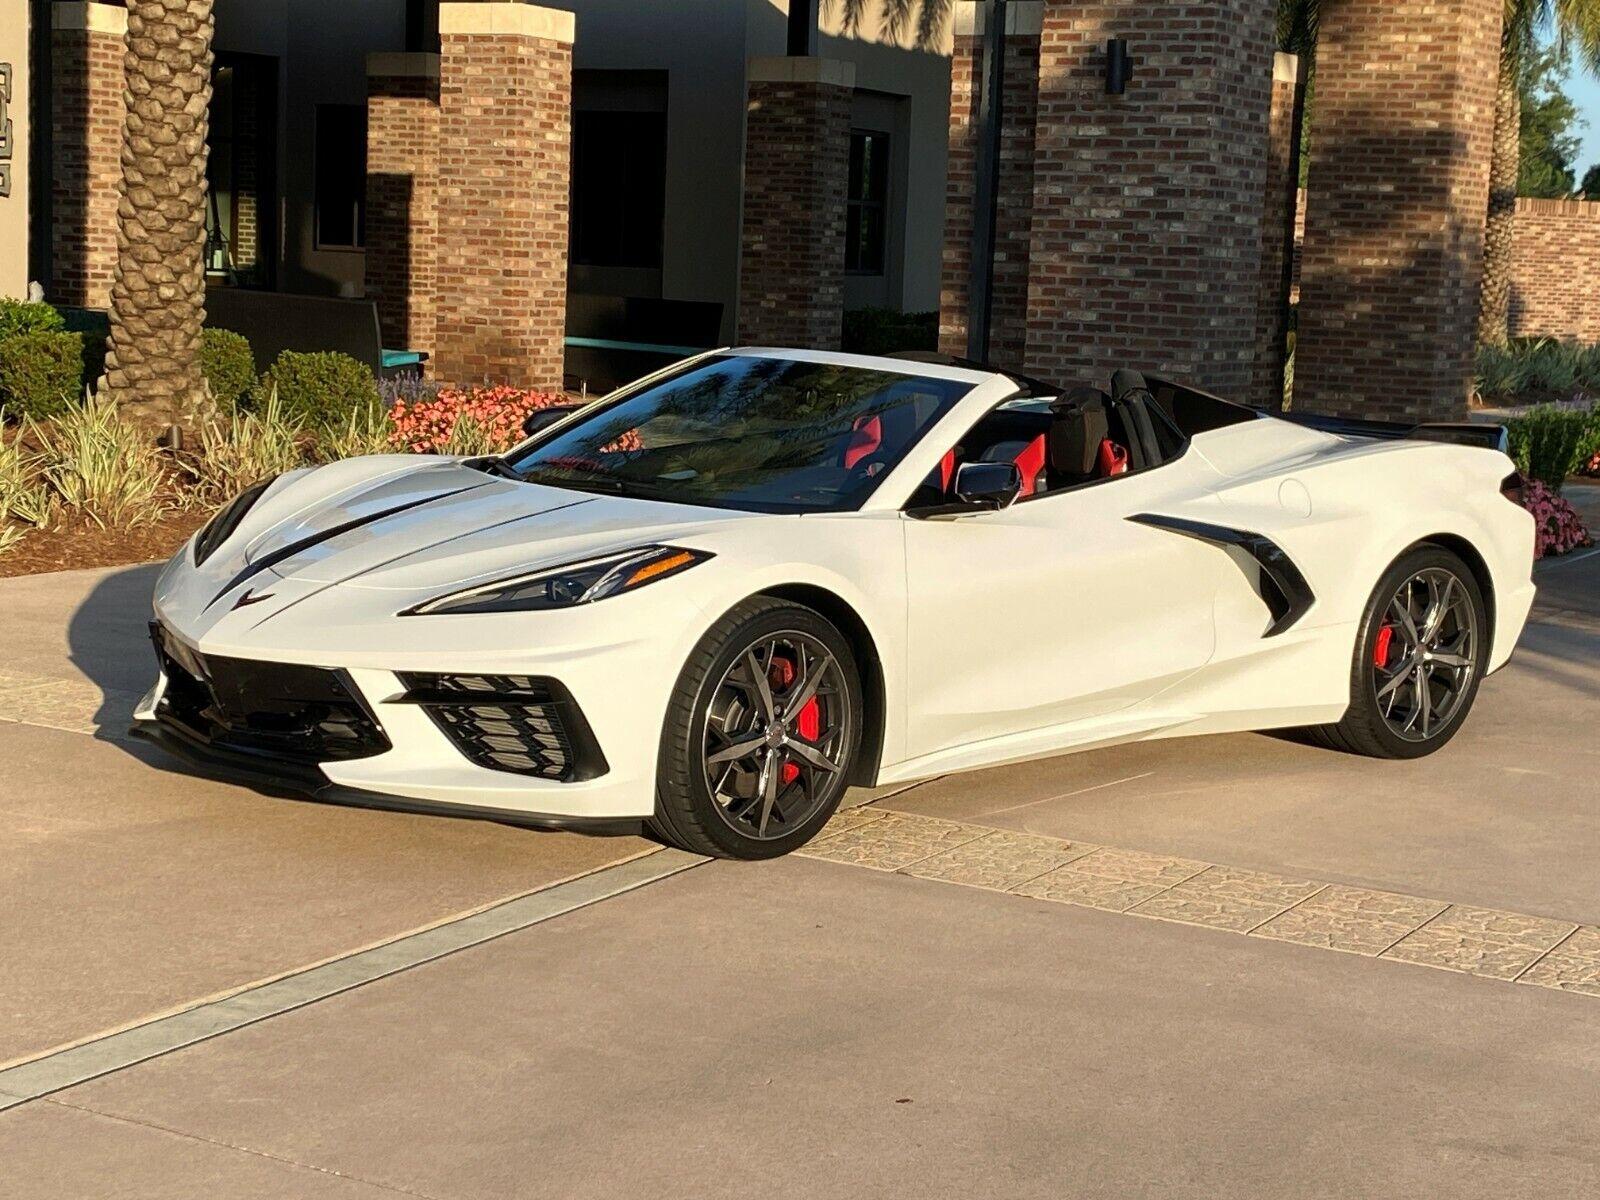 2021 White Chevrolet Corvette     C7 Corvette Photo 1